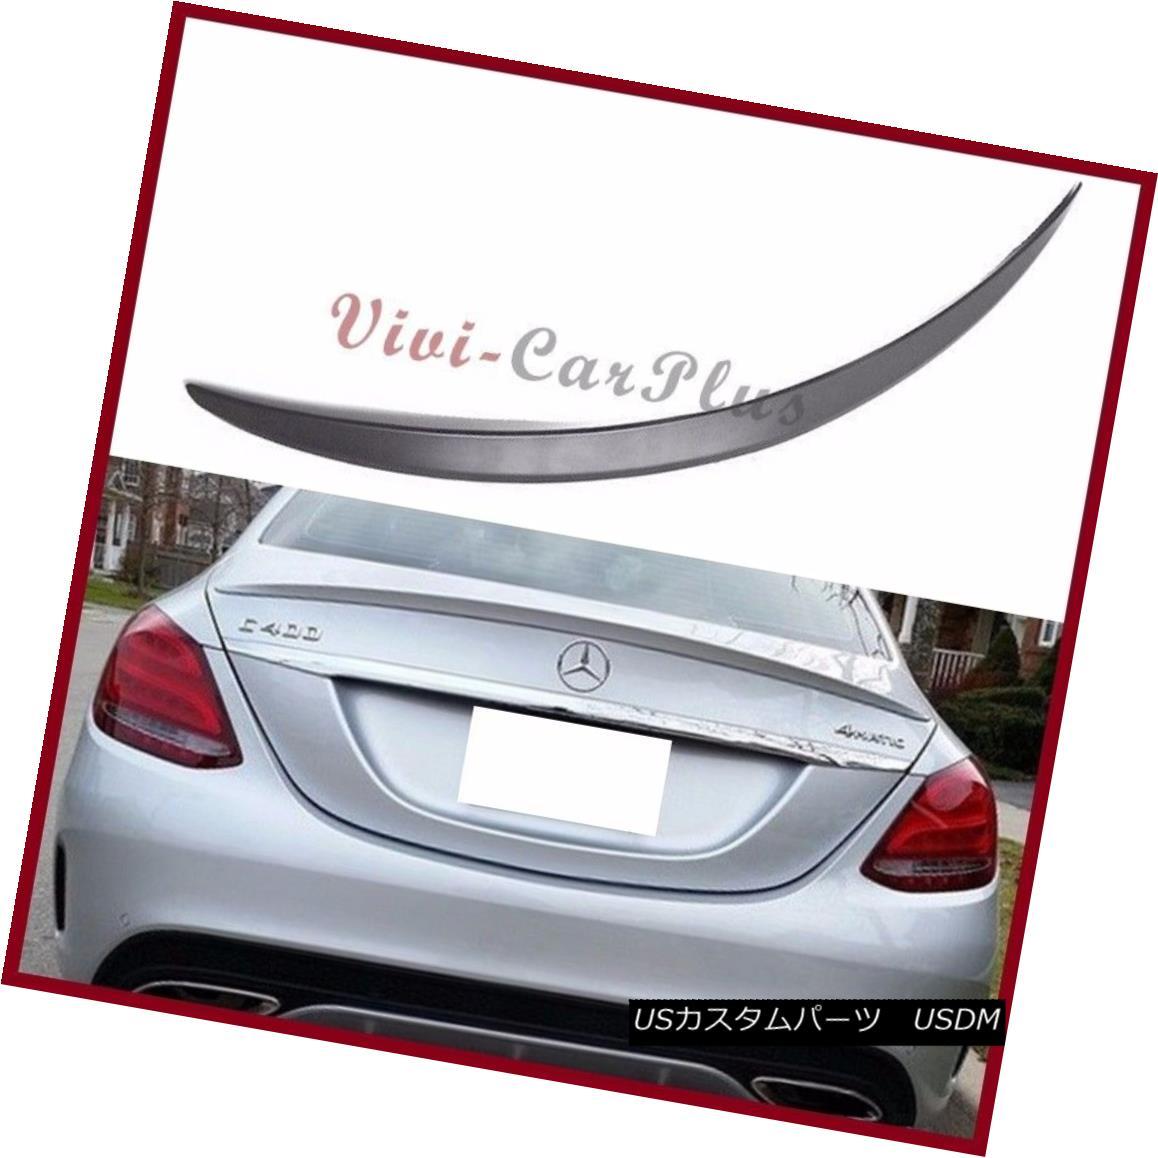 エアロパーツ UNPAINTED A Type Trunk Lip Spoiler Fit 15 16 BENZ W205 Sedan C200 C300 C350 C400 UNPAINTED Aタイプトランクリップスポイラーフィット15 16 BENZ W205 Sedan C200 C300 C350 C400